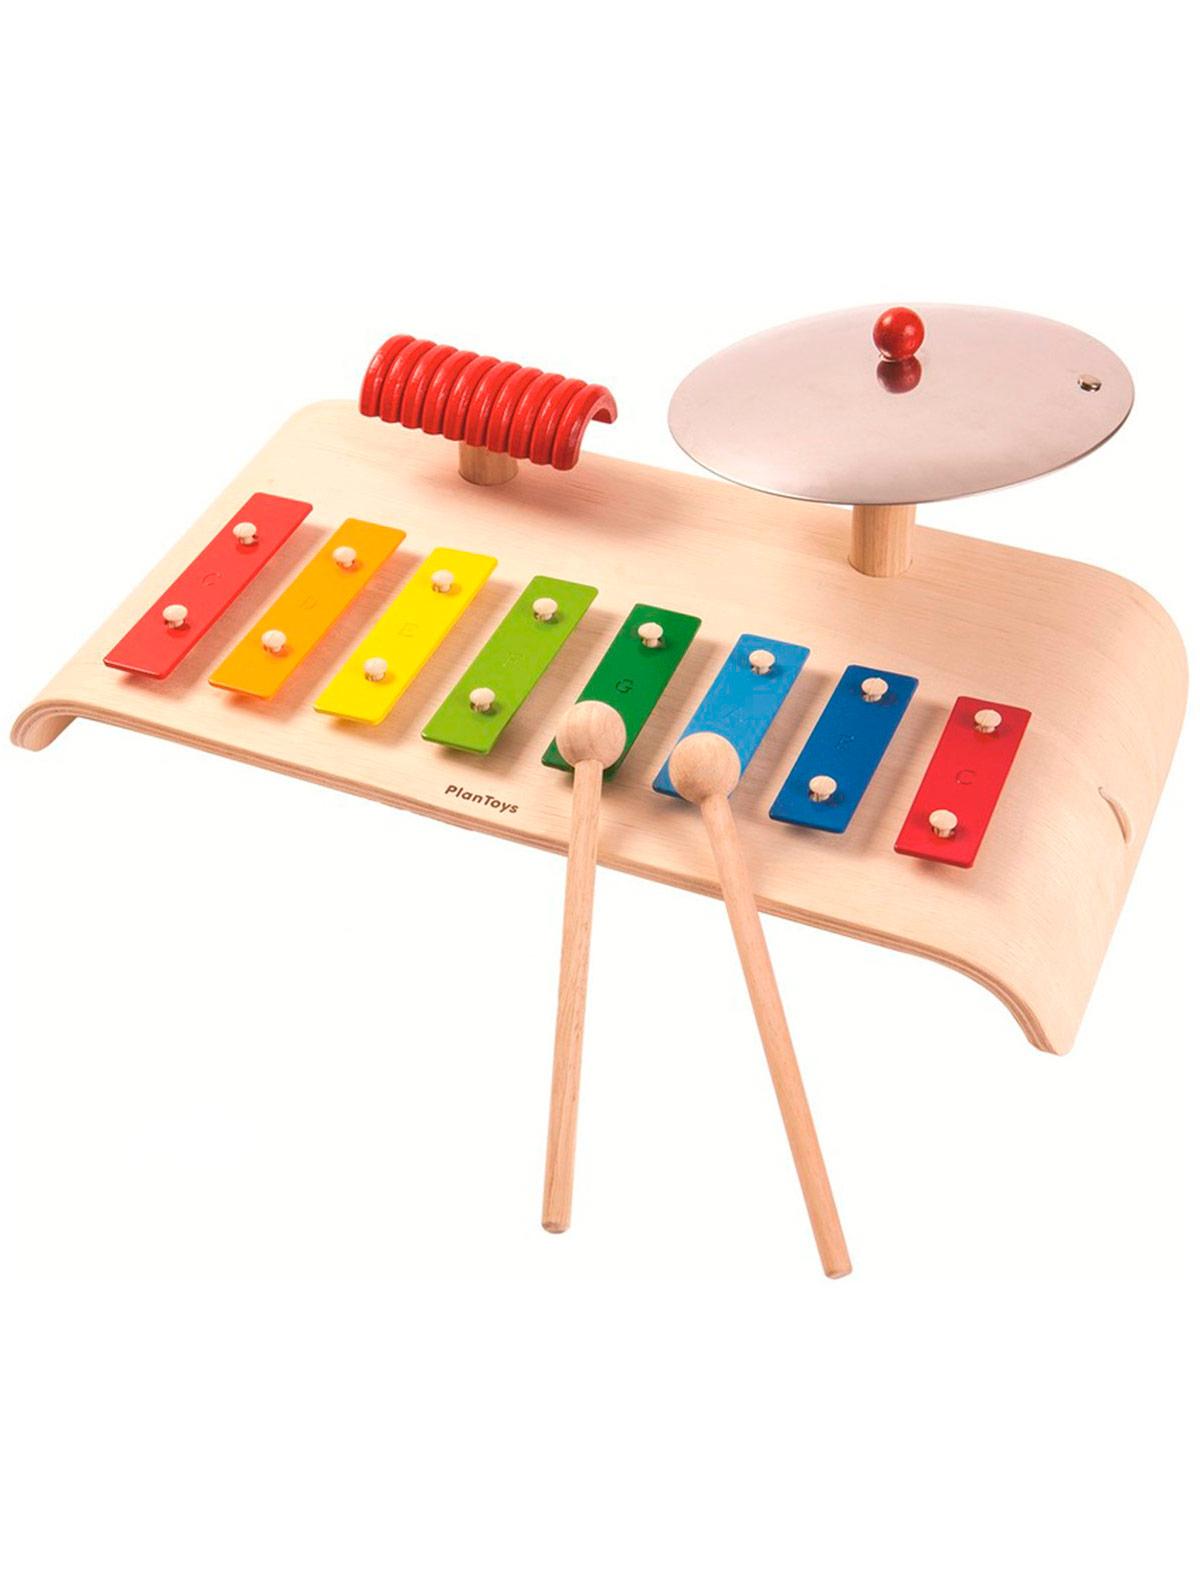 Купить 2134847, Игрушка PLAN TOYS, разноцветный, 7132529980044